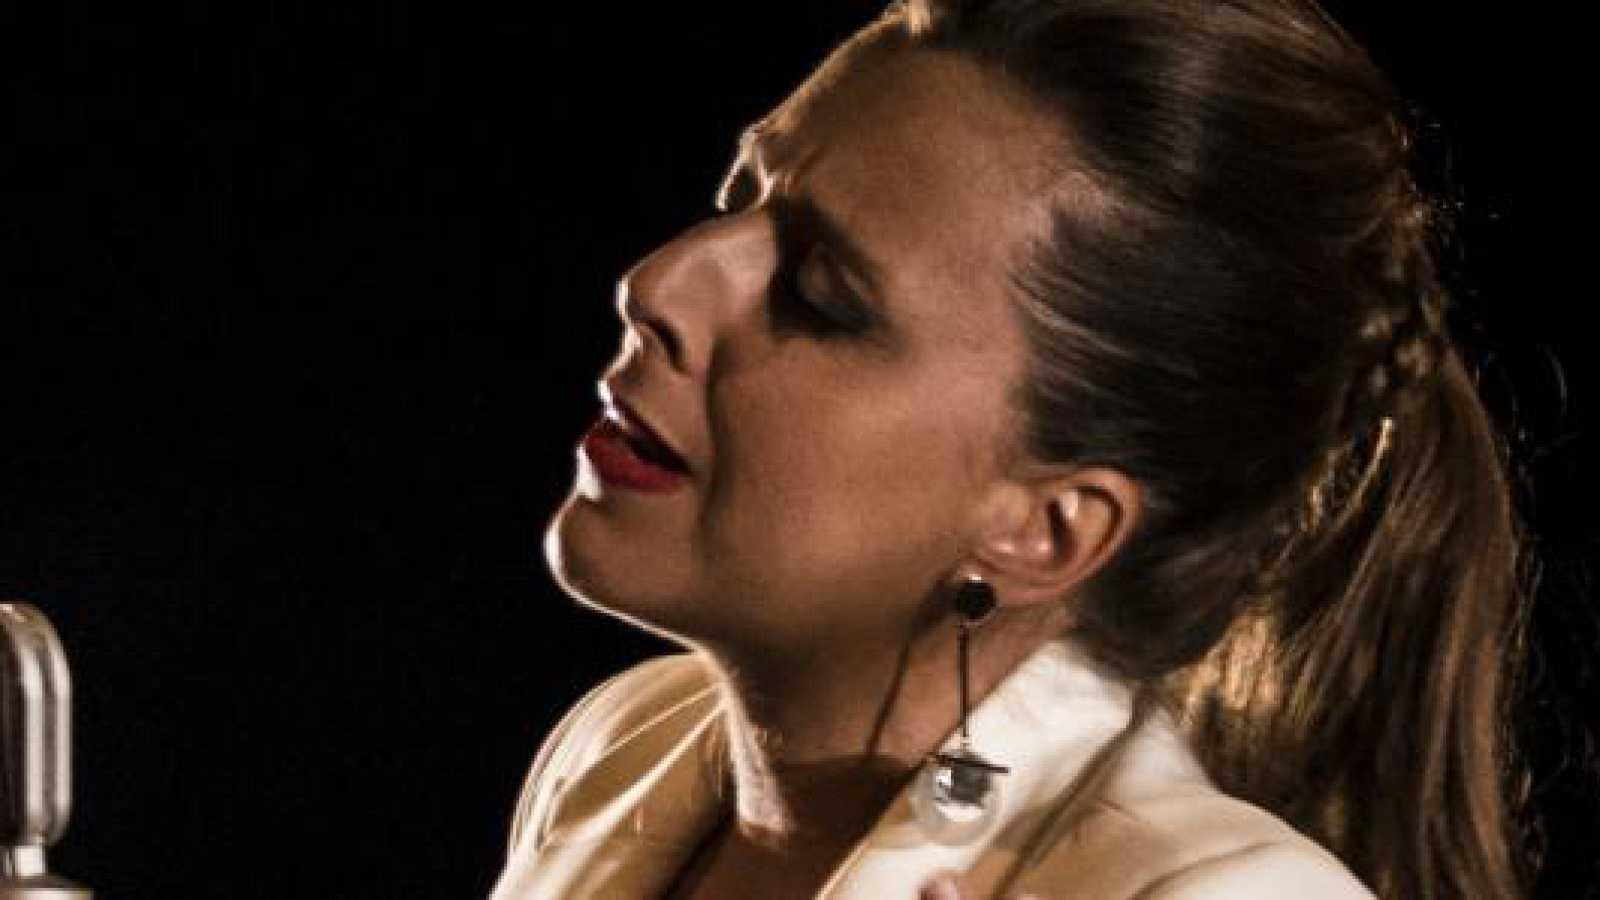 Tiempo Flamenco - 'Plática', de Gema Caballero y Javier Conde - 06/02/21 - escuchar ahora